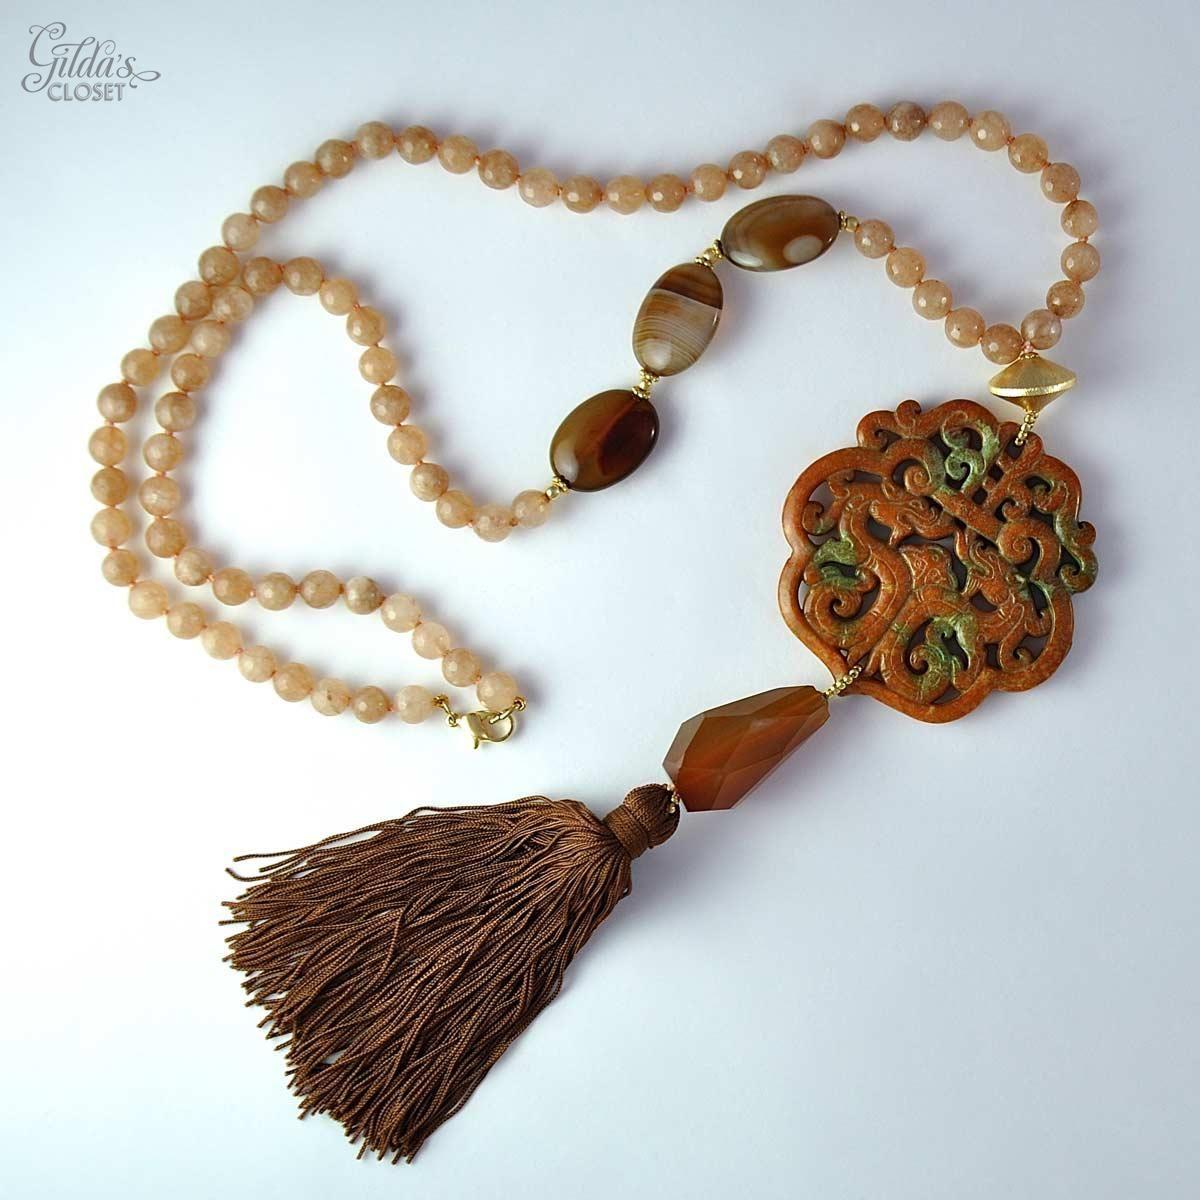 04f2c340acde Alta Bisutería. Collar largo diseñado por Carmen Alonso y realizado y  enfilado a mano. El tono del jade es marrón y verde y las piedras facetadas  marrón ...